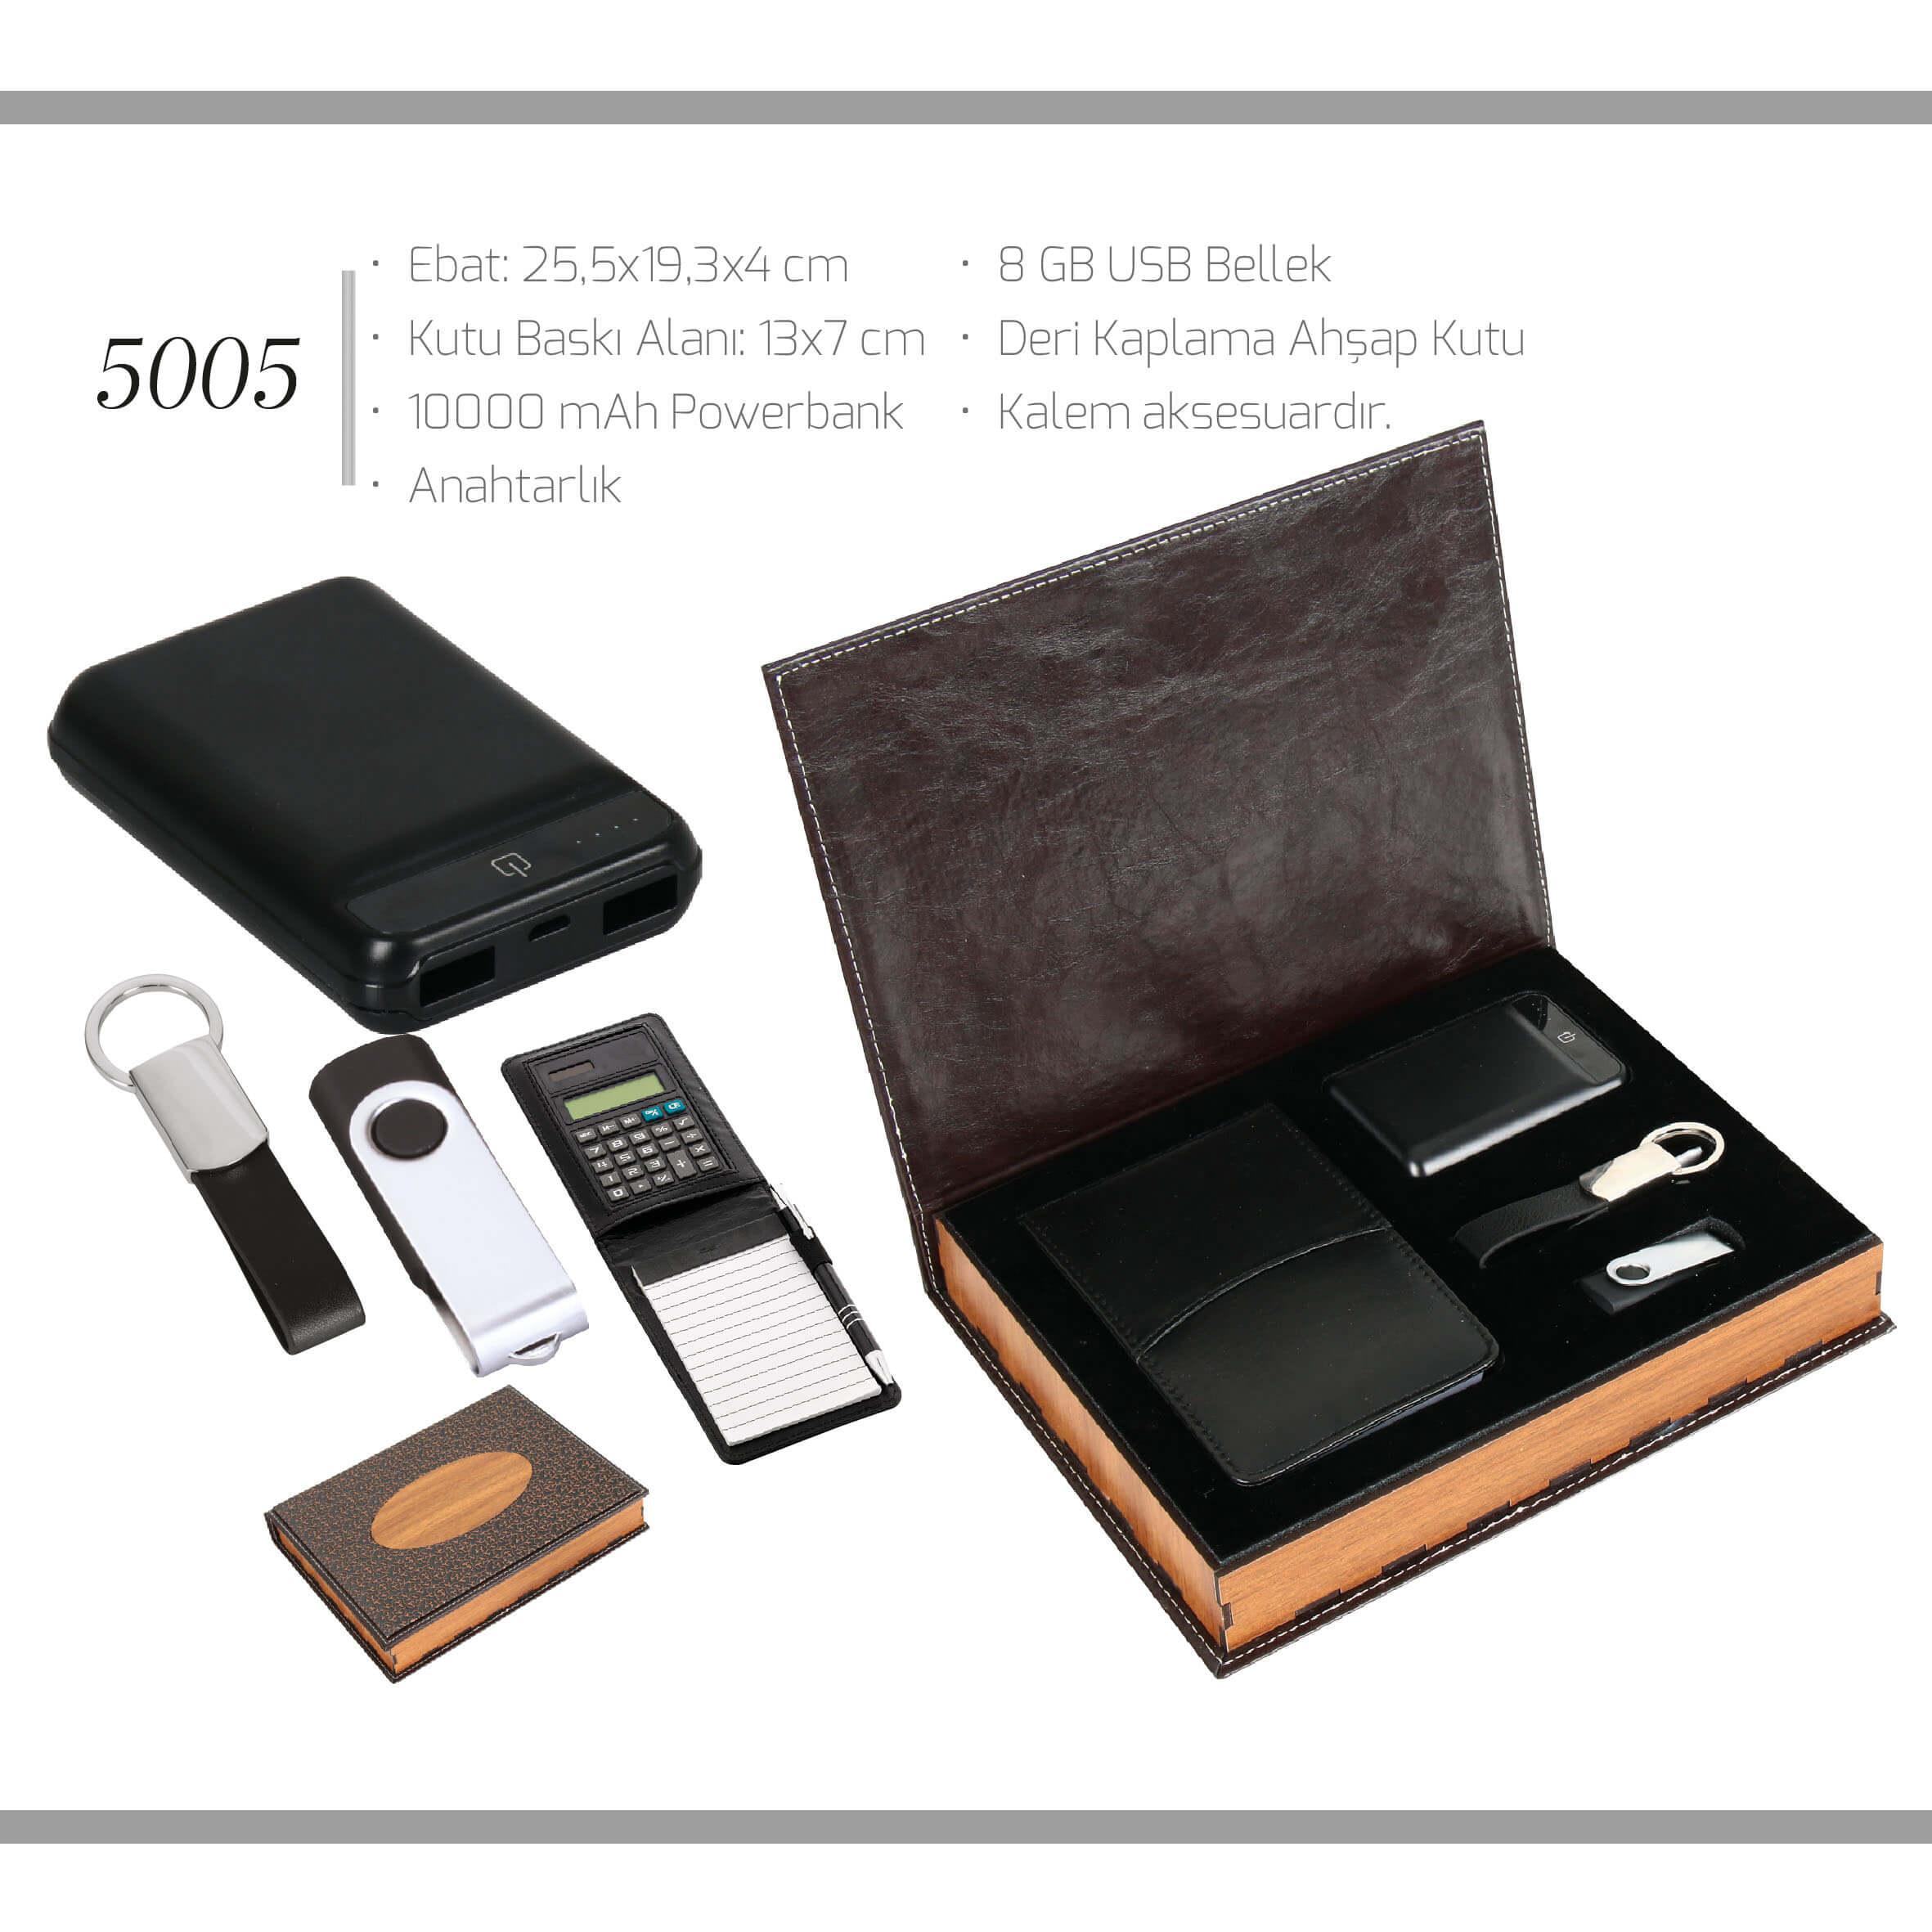 promosyon-promosyon ürünleri-VIP setler-promosyon 5005promosyon-promosyon ürünleri-VIP setler-promosyon 5005